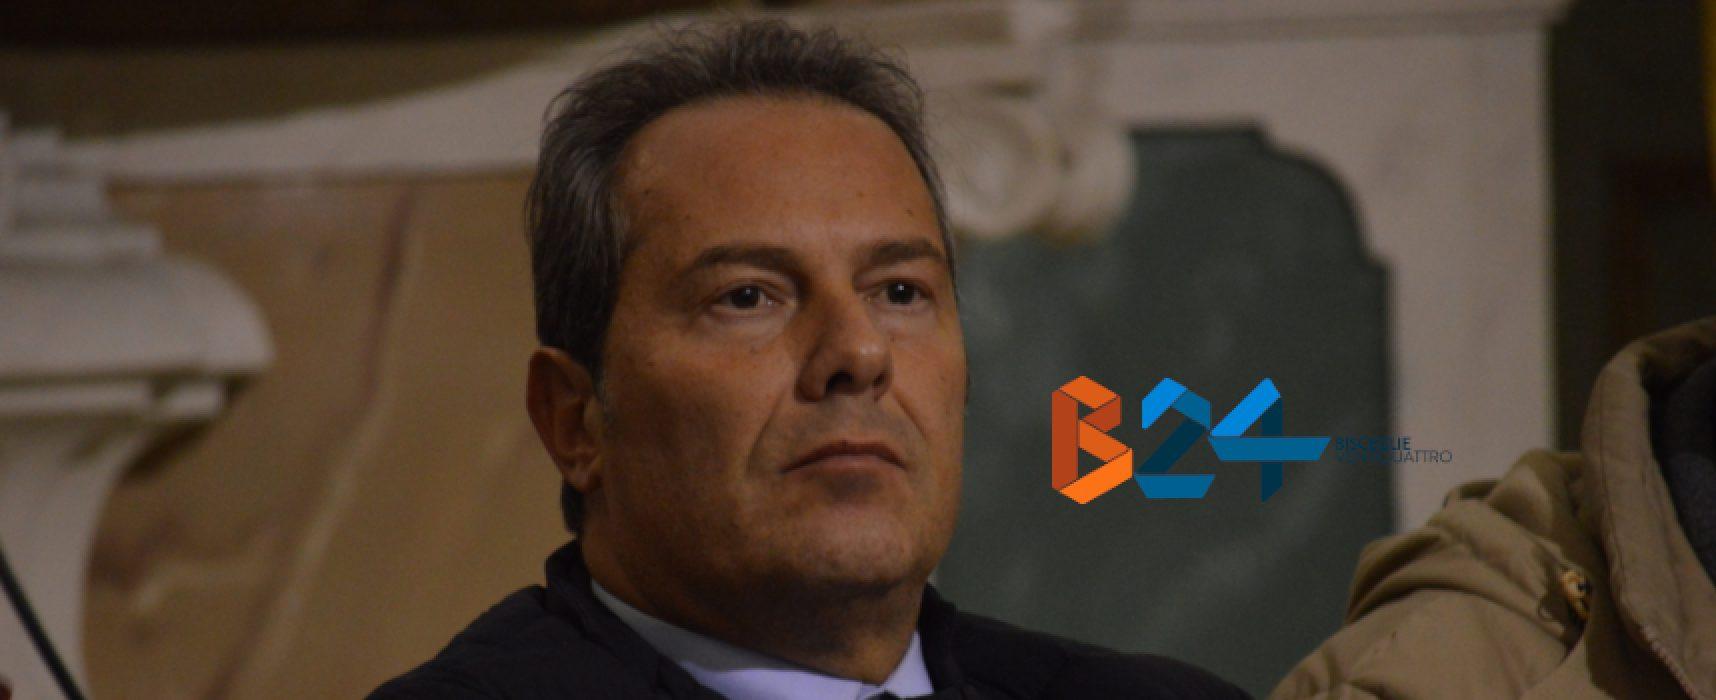 """Spina: """"Corte dei Conti conferma correttezza nomina a capo di gabinetto del Cav. Preziosa"""""""